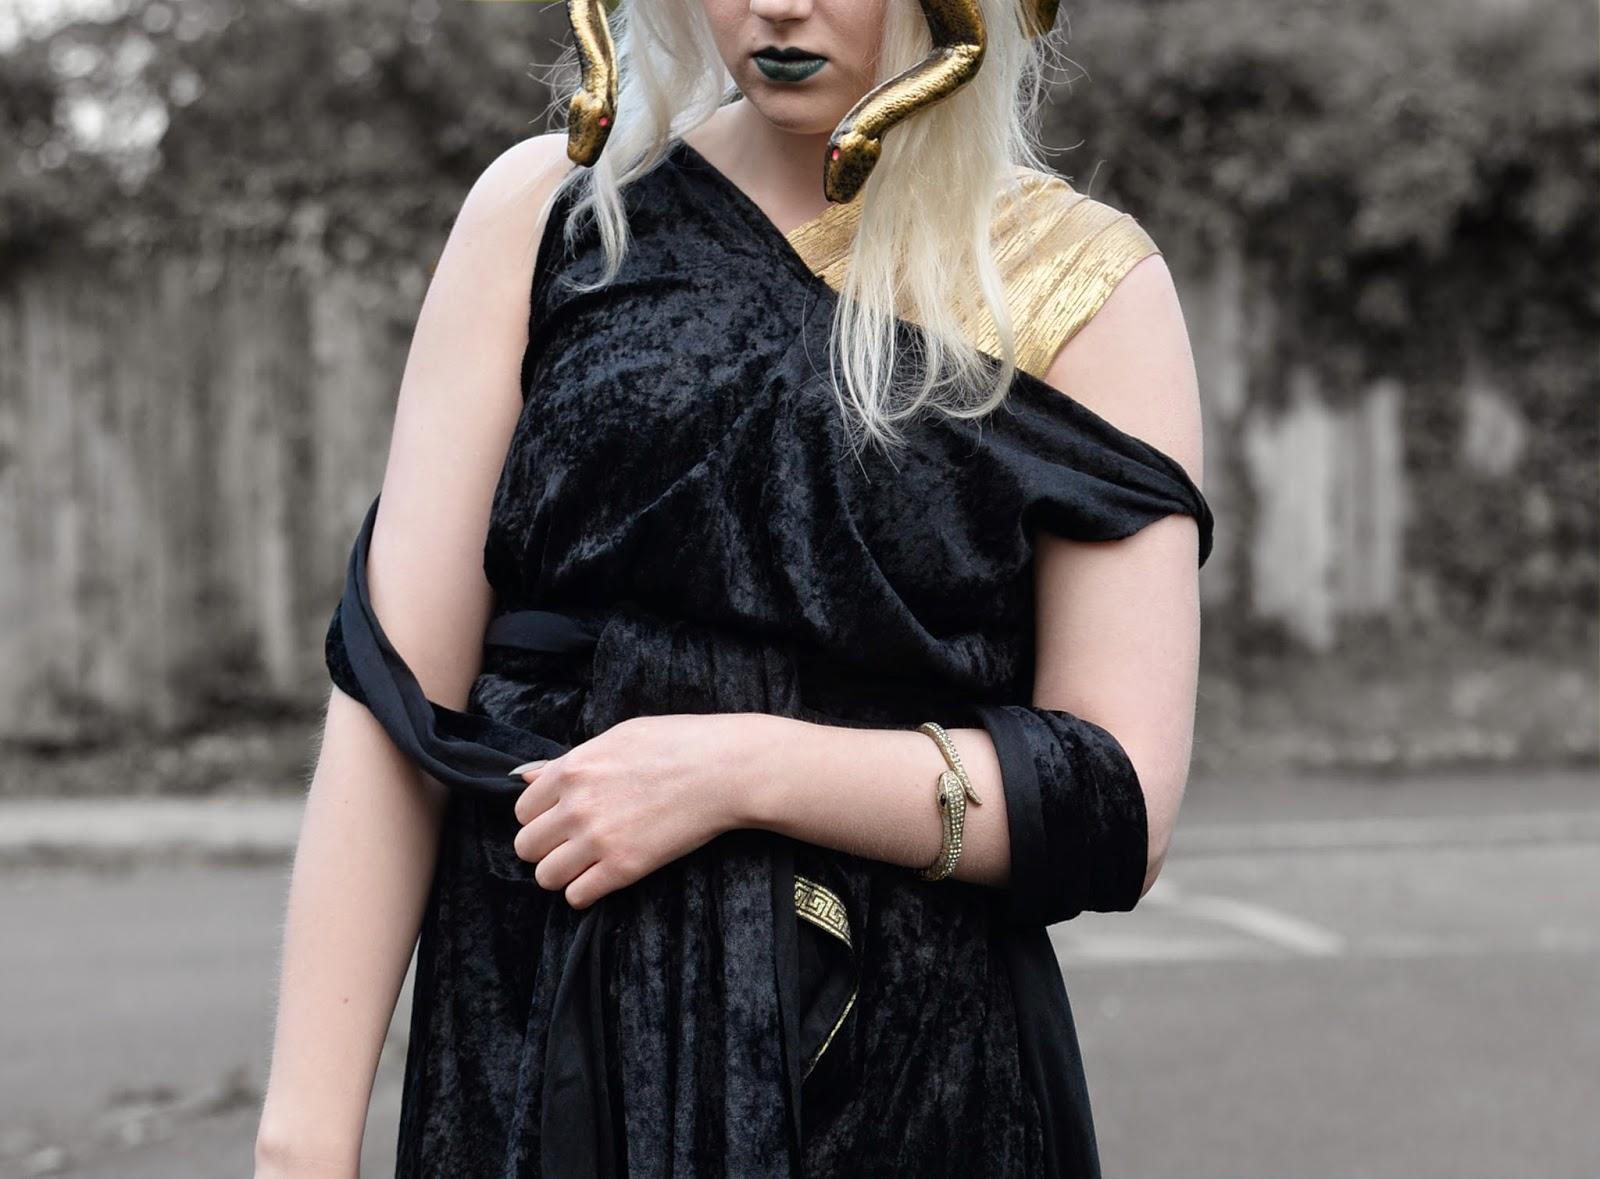 Sammi Jackson - Medusa Hallowe'en Look